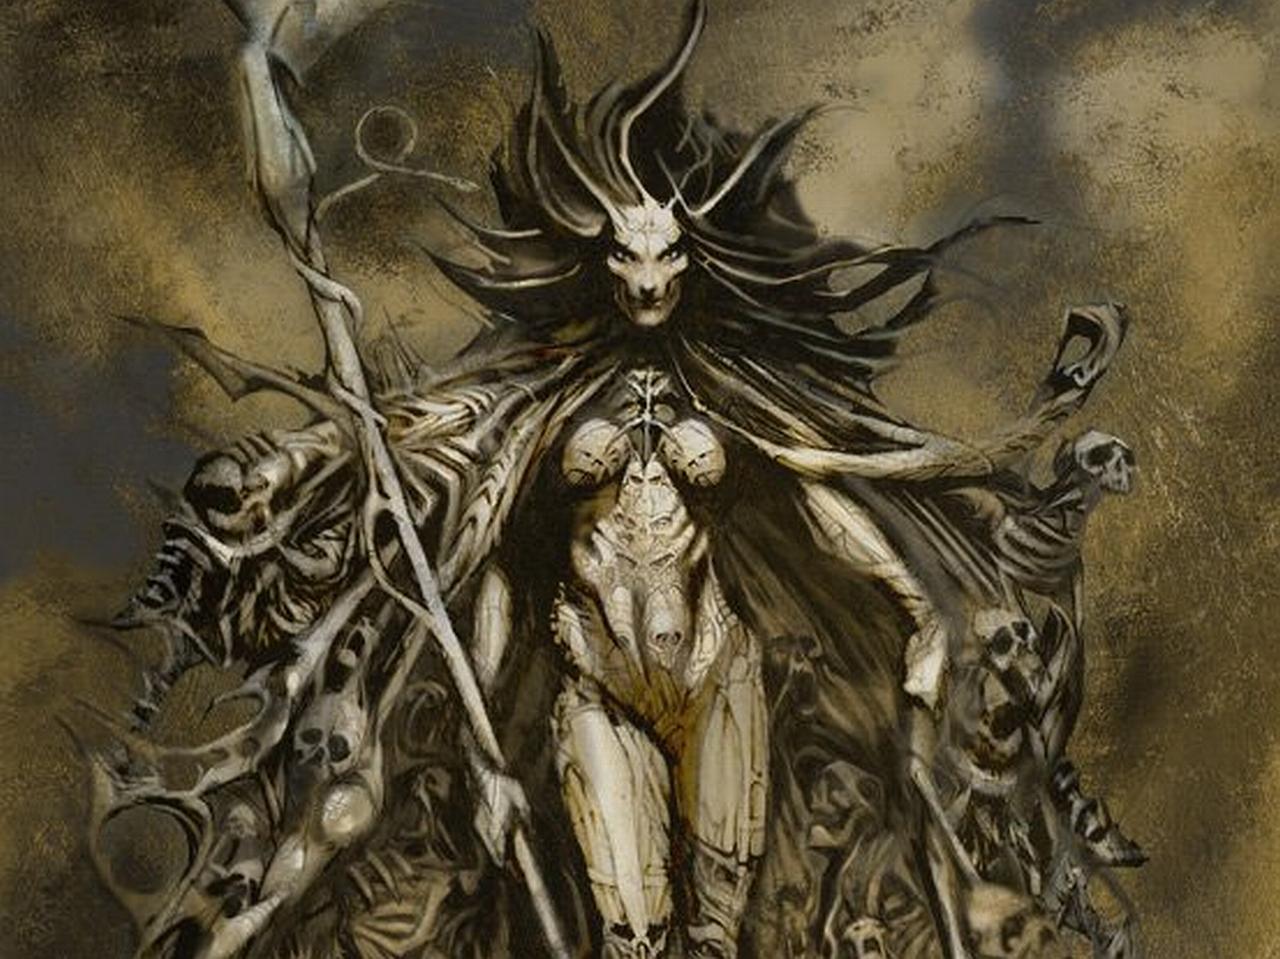 Dark Witch Wallpaper 1280x959 Dark Witch 1280x959